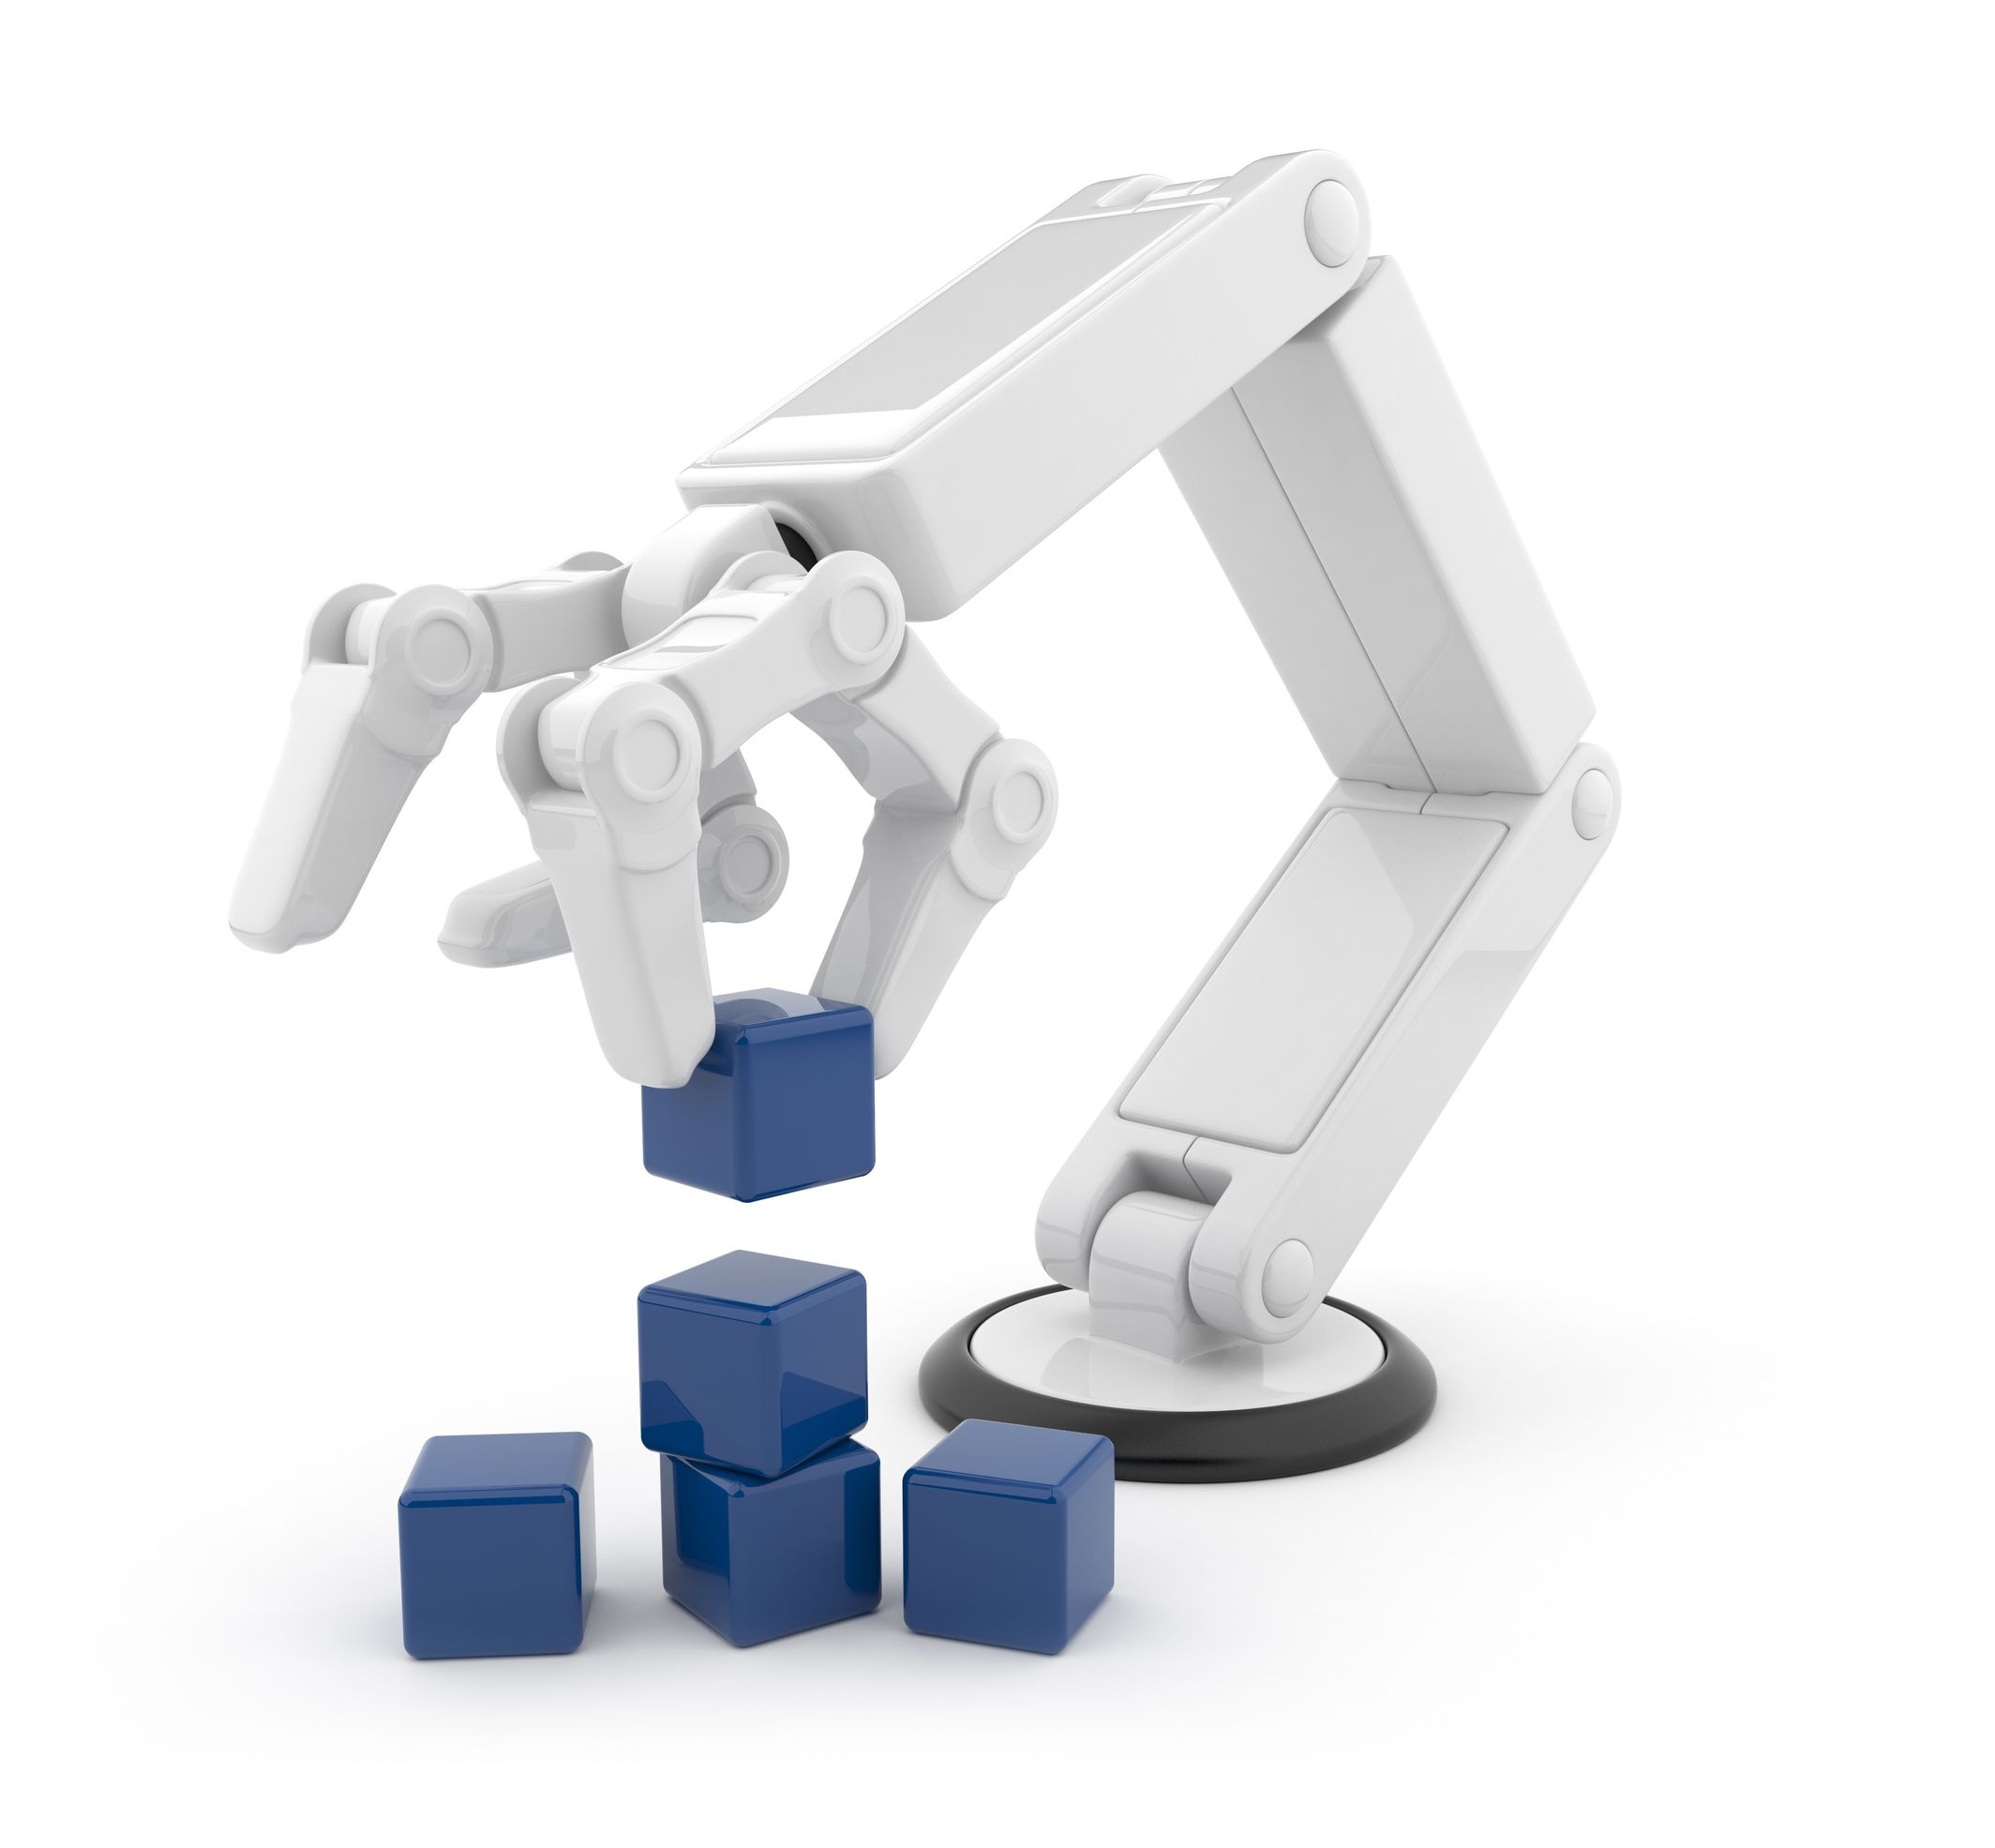 ロボット物流のイメージ画像